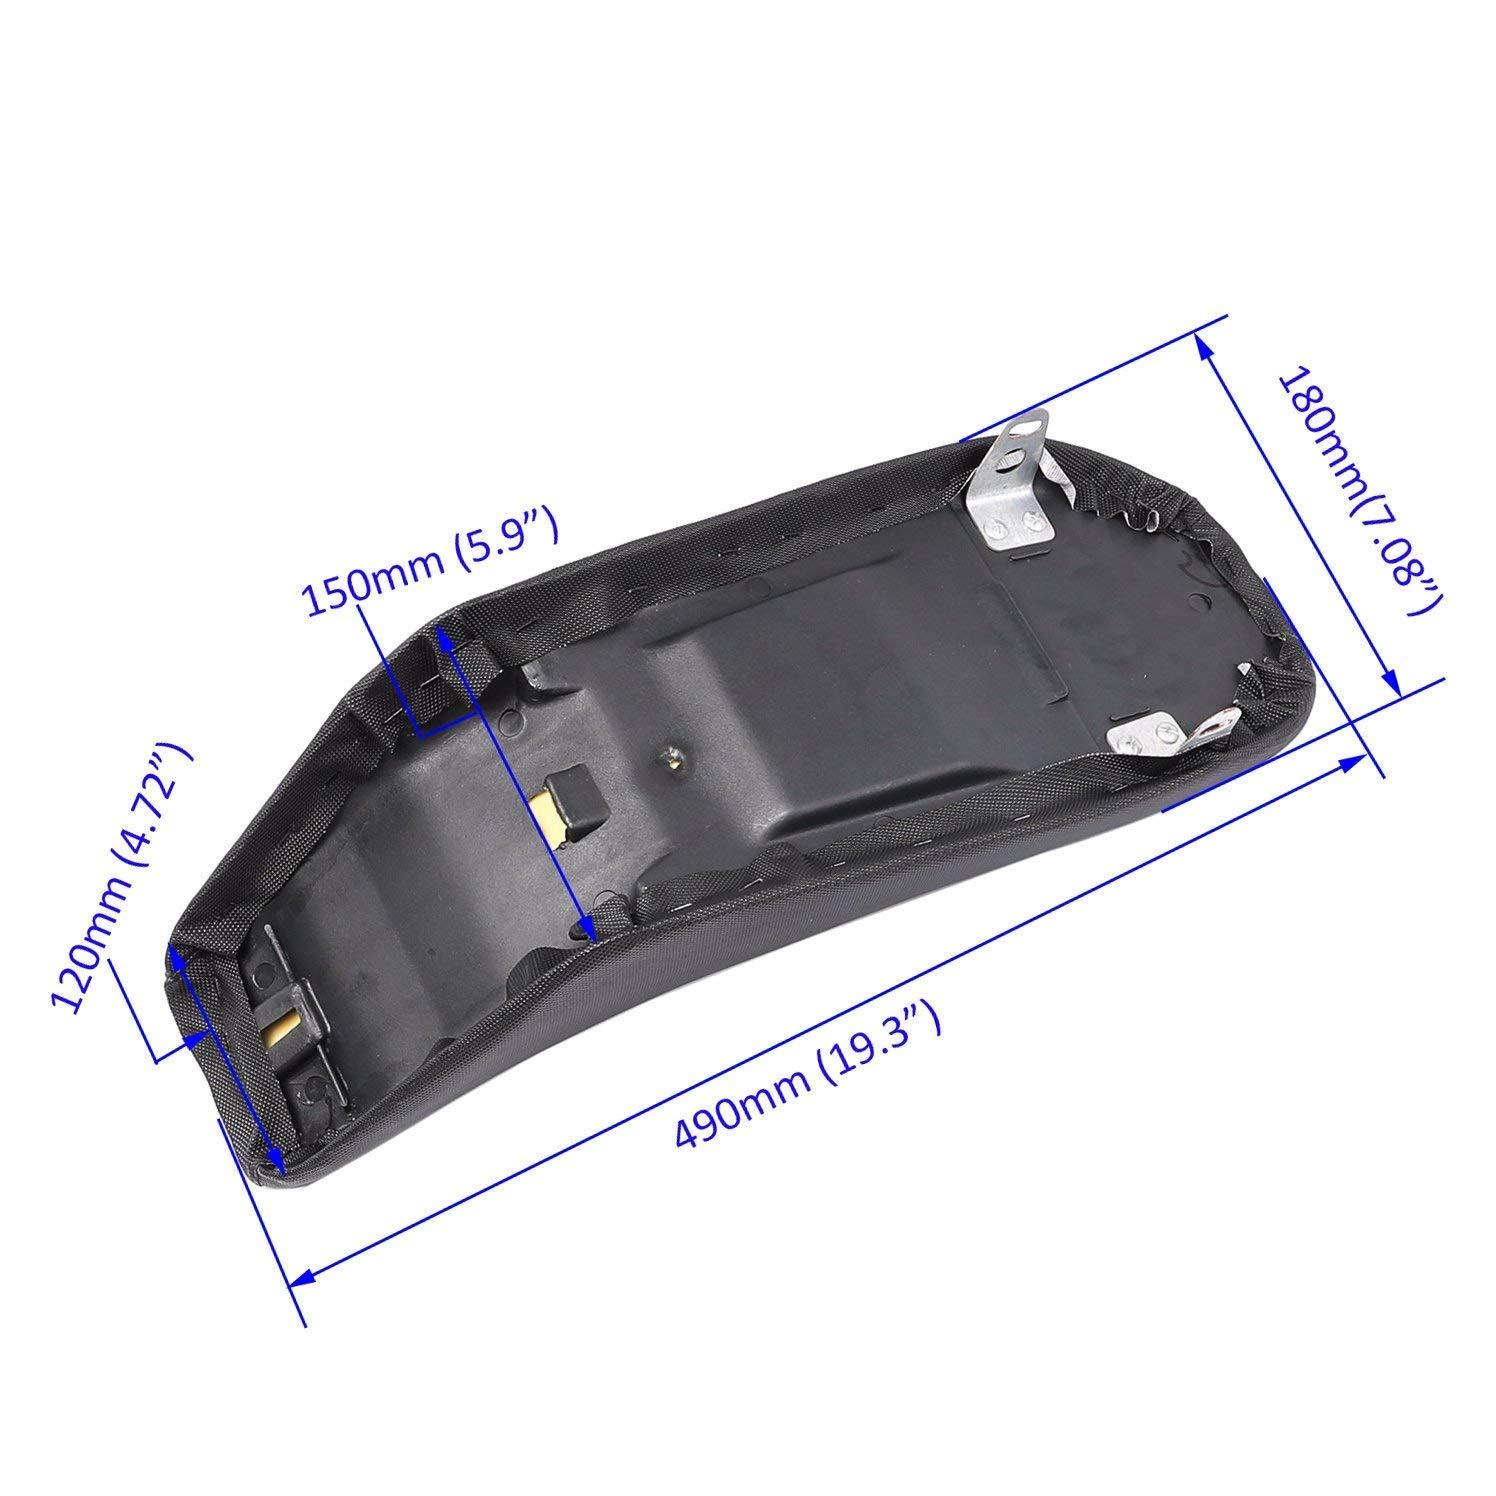 4Green+3White WPHMOTO Fuel Gas Tank /& Plastic Body Fender Fairing Kit /& Seat /& Cap for Kawasaki Kx 65 KX65